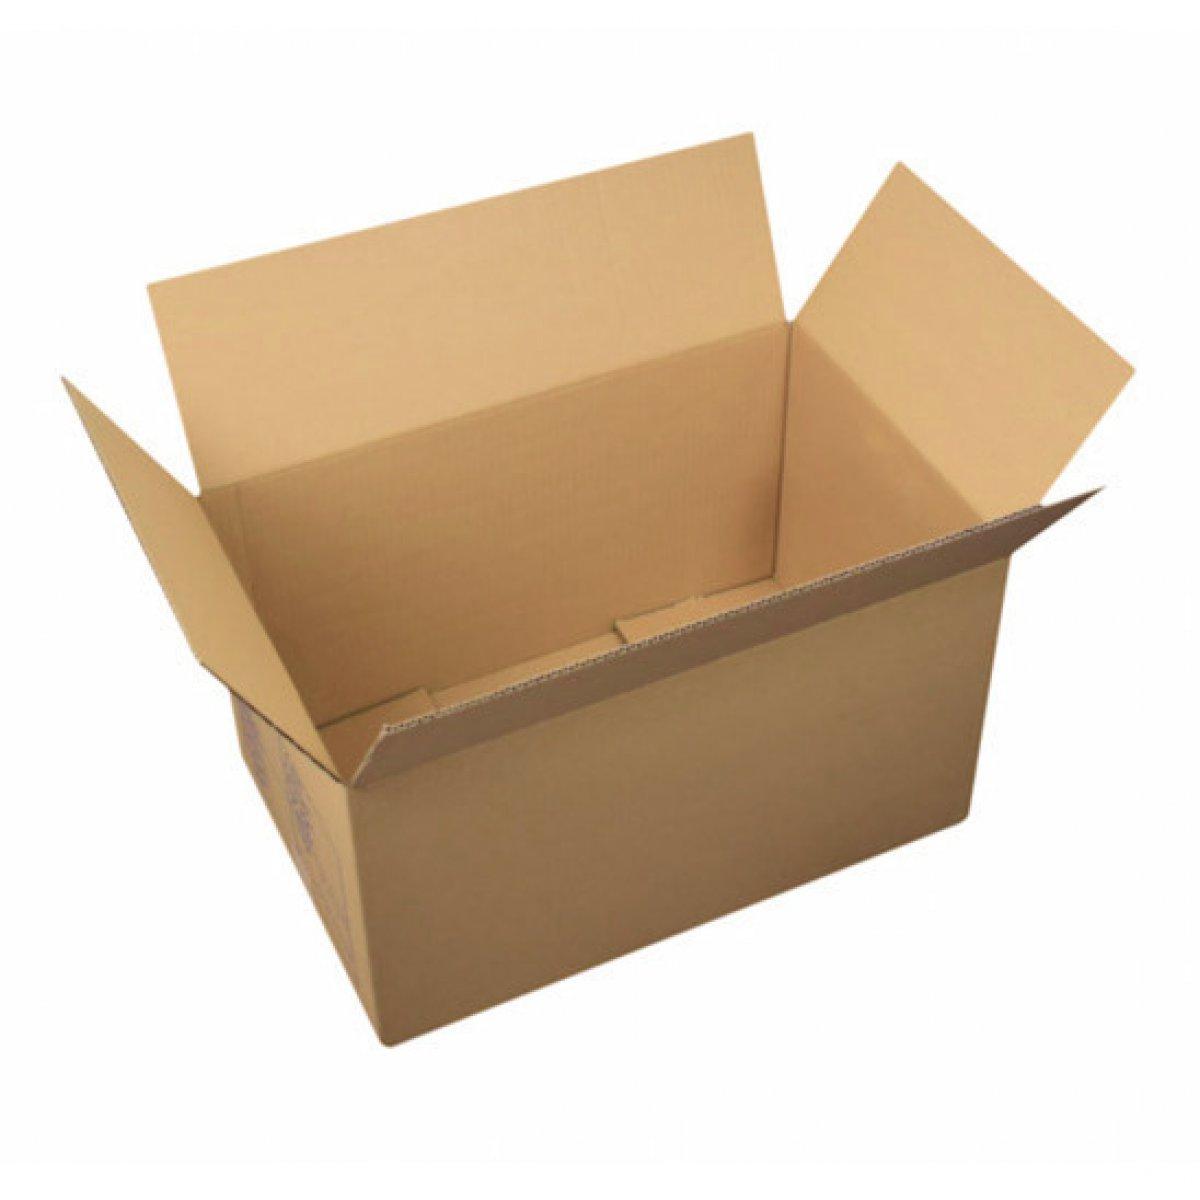 Déménagement : Faut-il obligatoirement faire appel à un déménageur ?